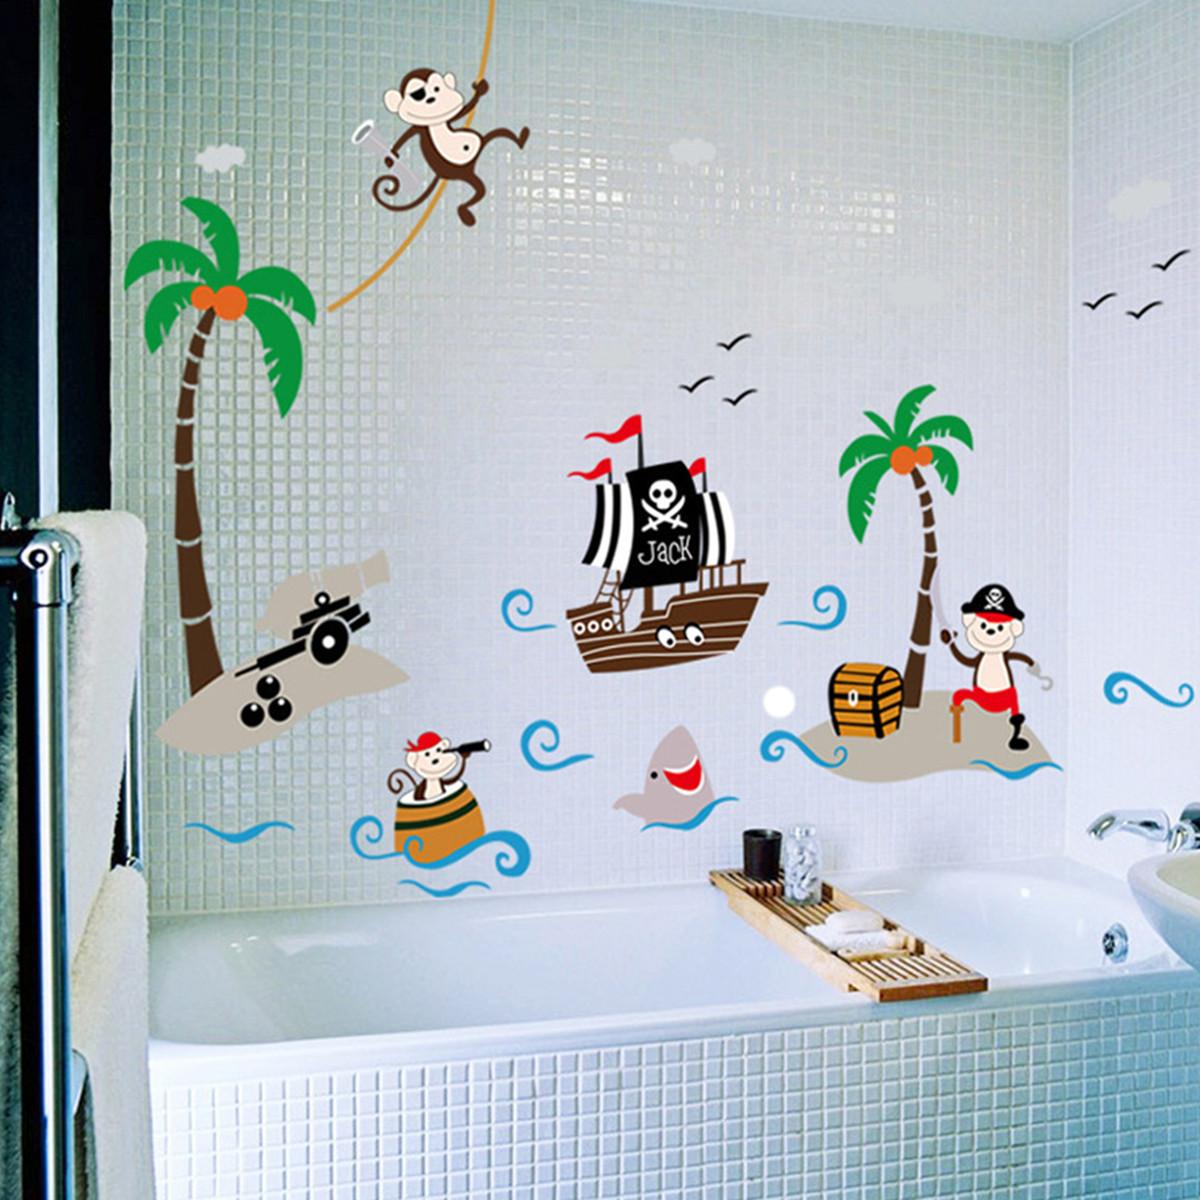 Картинки в ванную комнату для детей